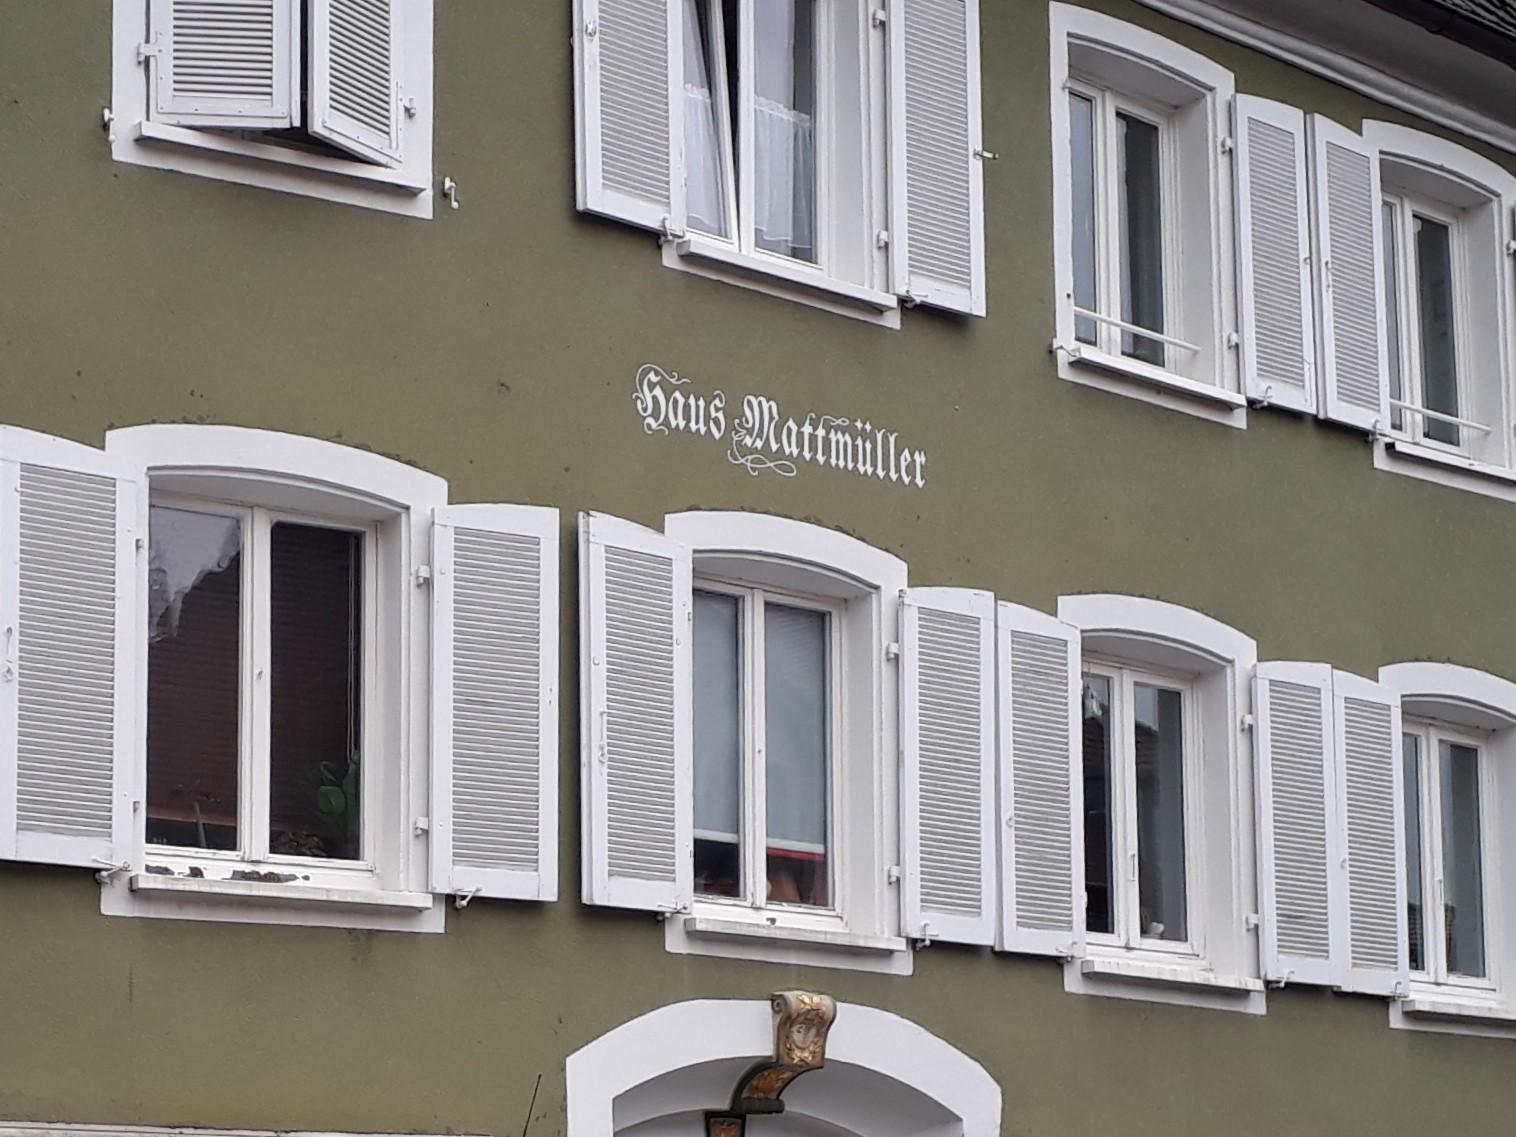 Mattmüller-Haus in D-Müllheim